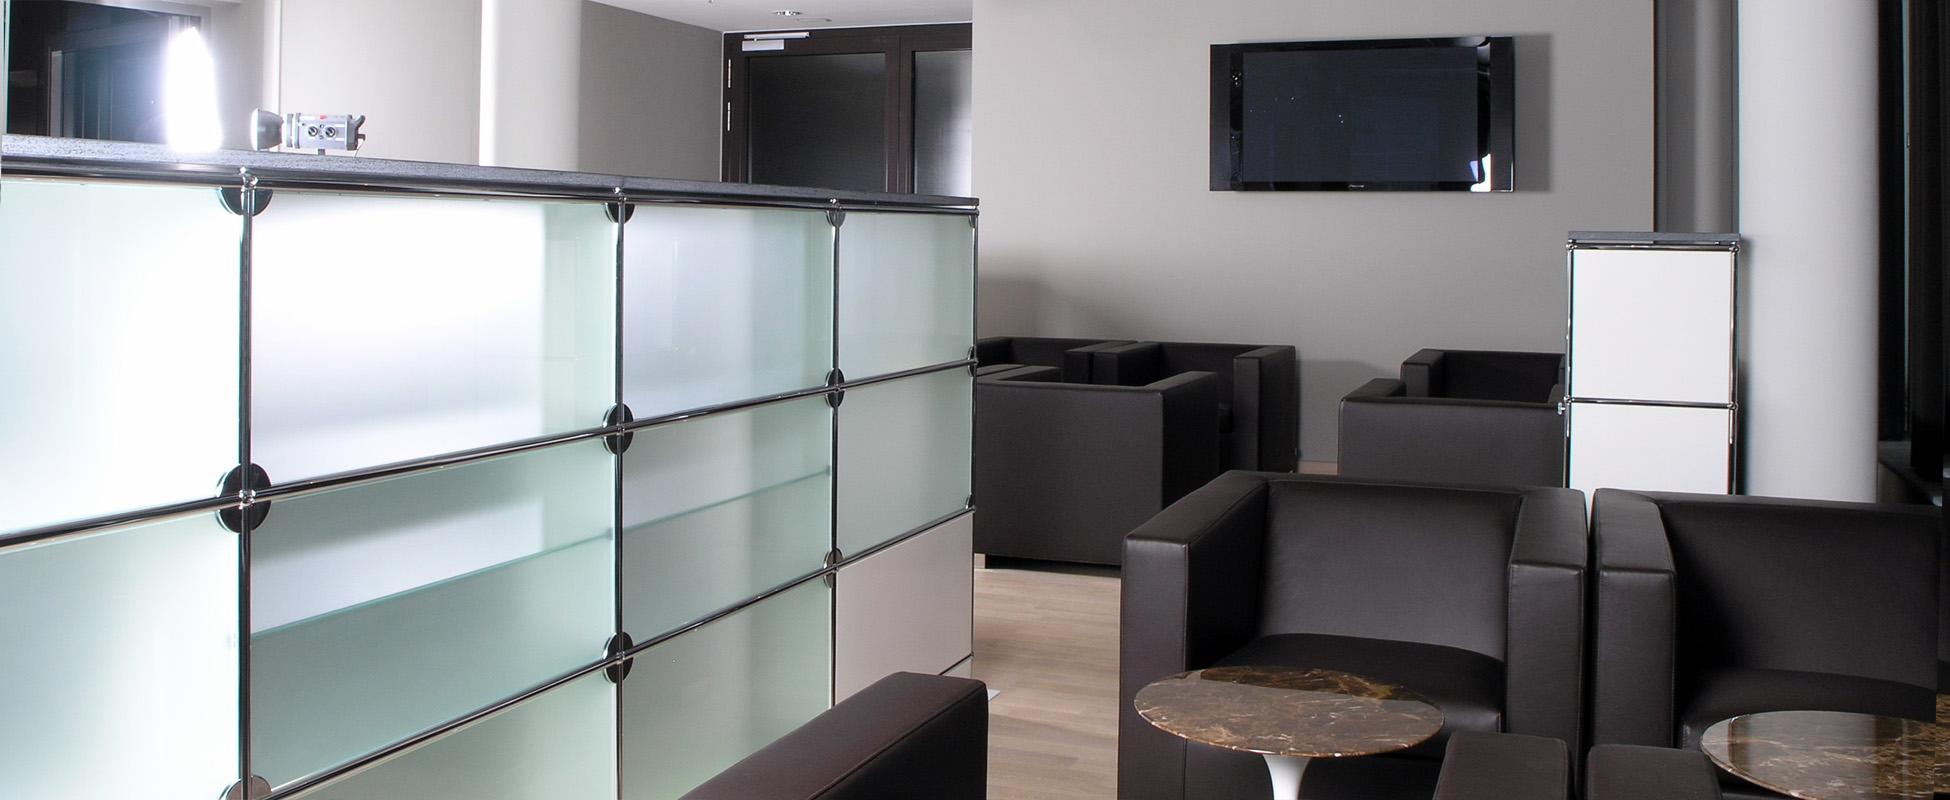 gdv einrichtung steidten einrichten mit. Black Bedroom Furniture Sets. Home Design Ideas